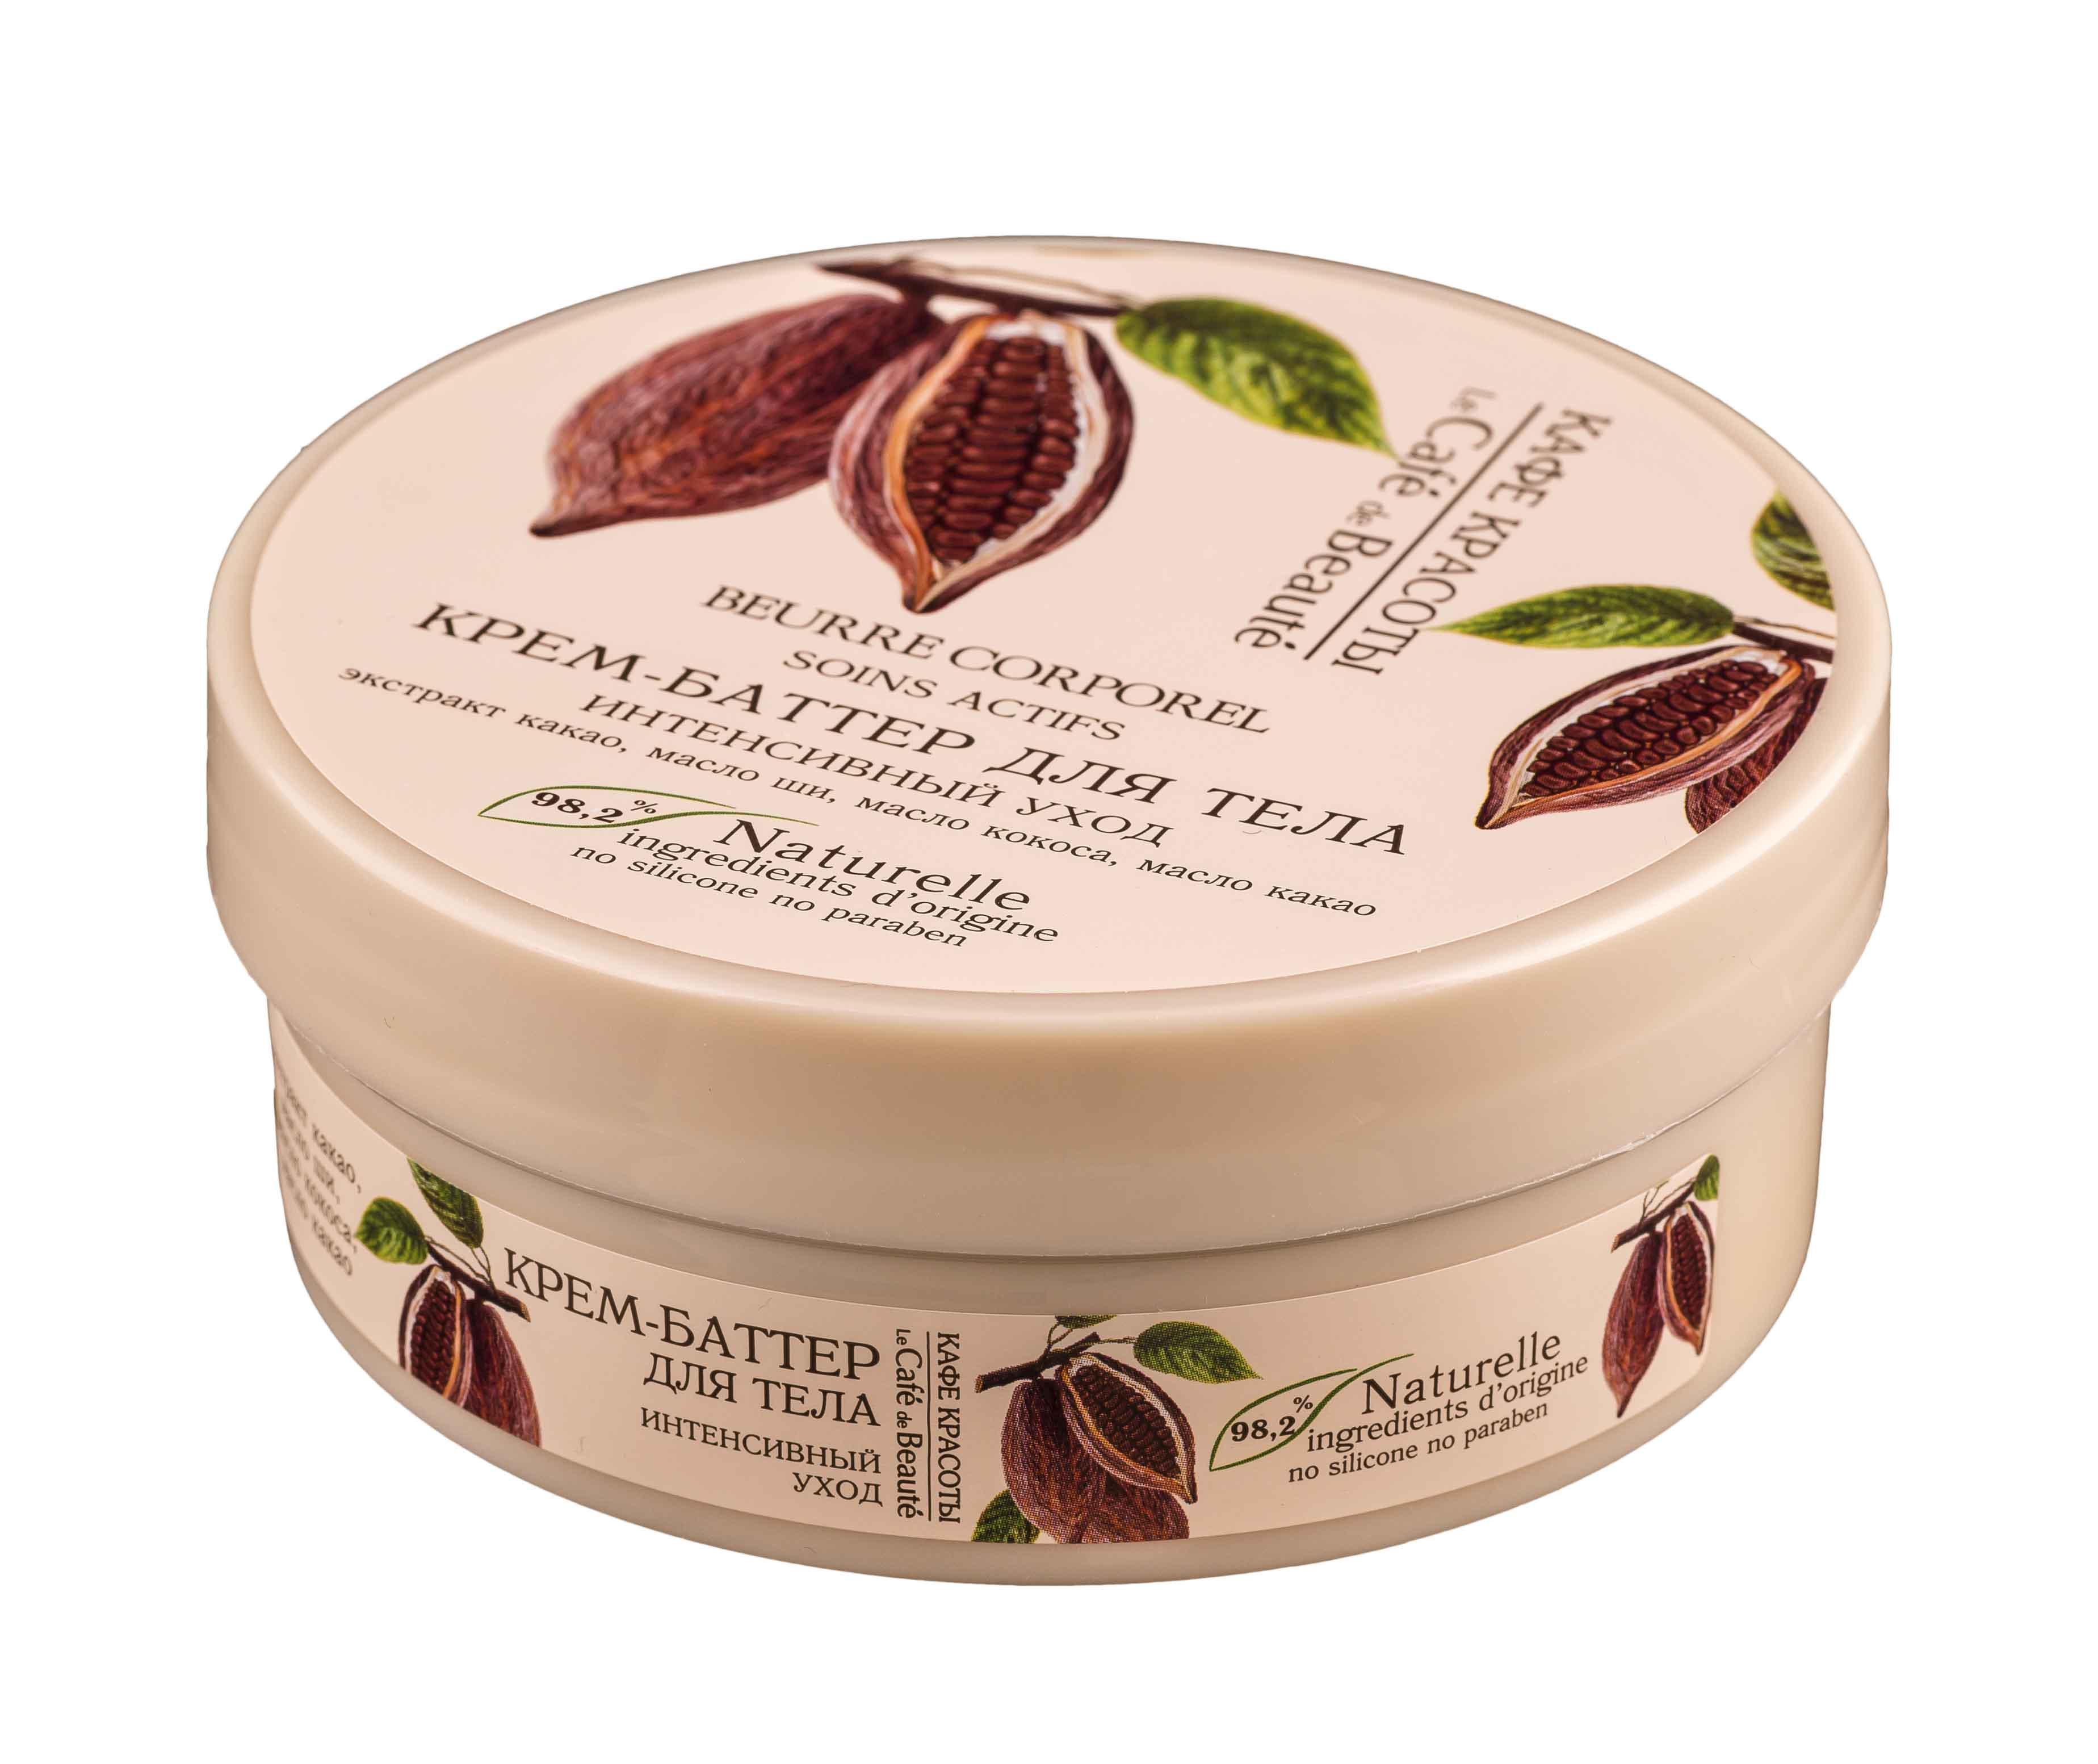 Le Cafe de Beaute - krémové maslo - intenzívna starostlivosť 200 ml - kakaový extrakt, bambucké maslo, kokosový olej, kakaové maslo